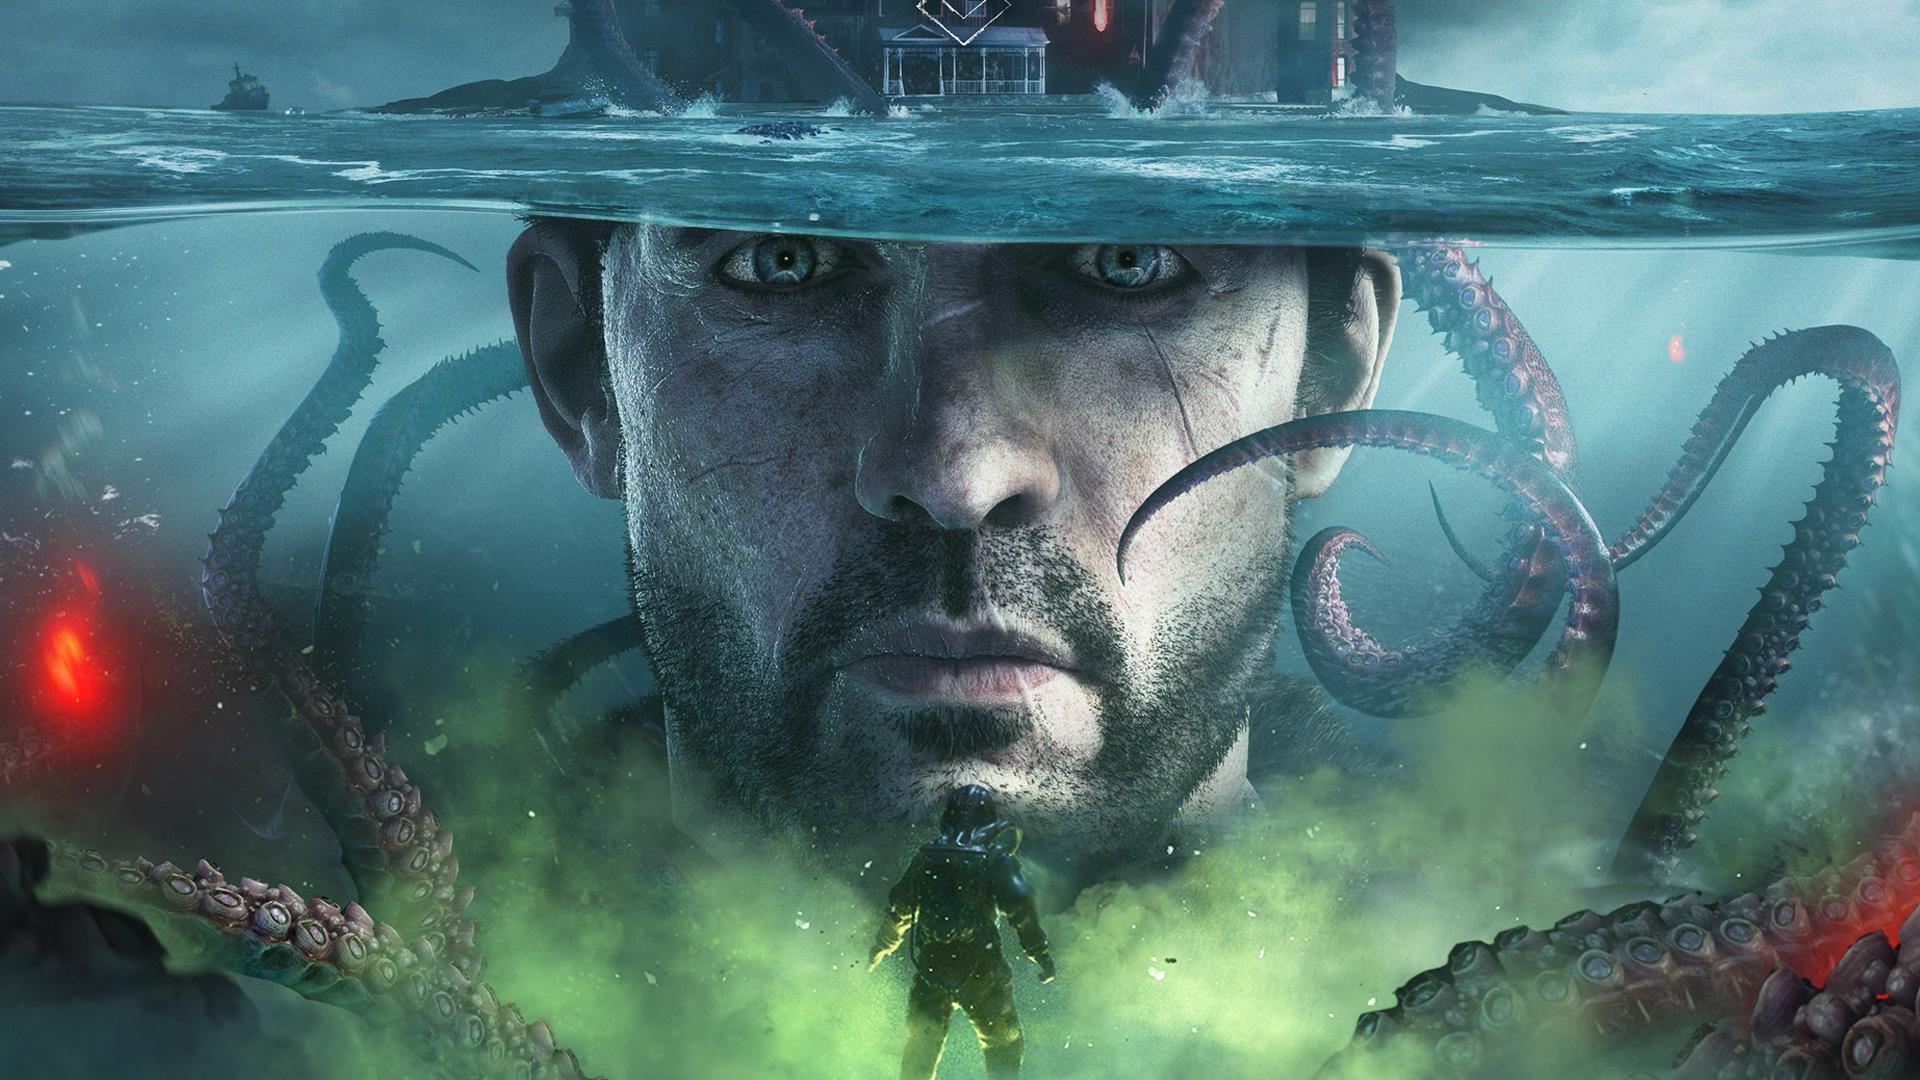 Frogwares призвала не покупать версию The Sinking City в Steam. Конфликт с издателем продолжается